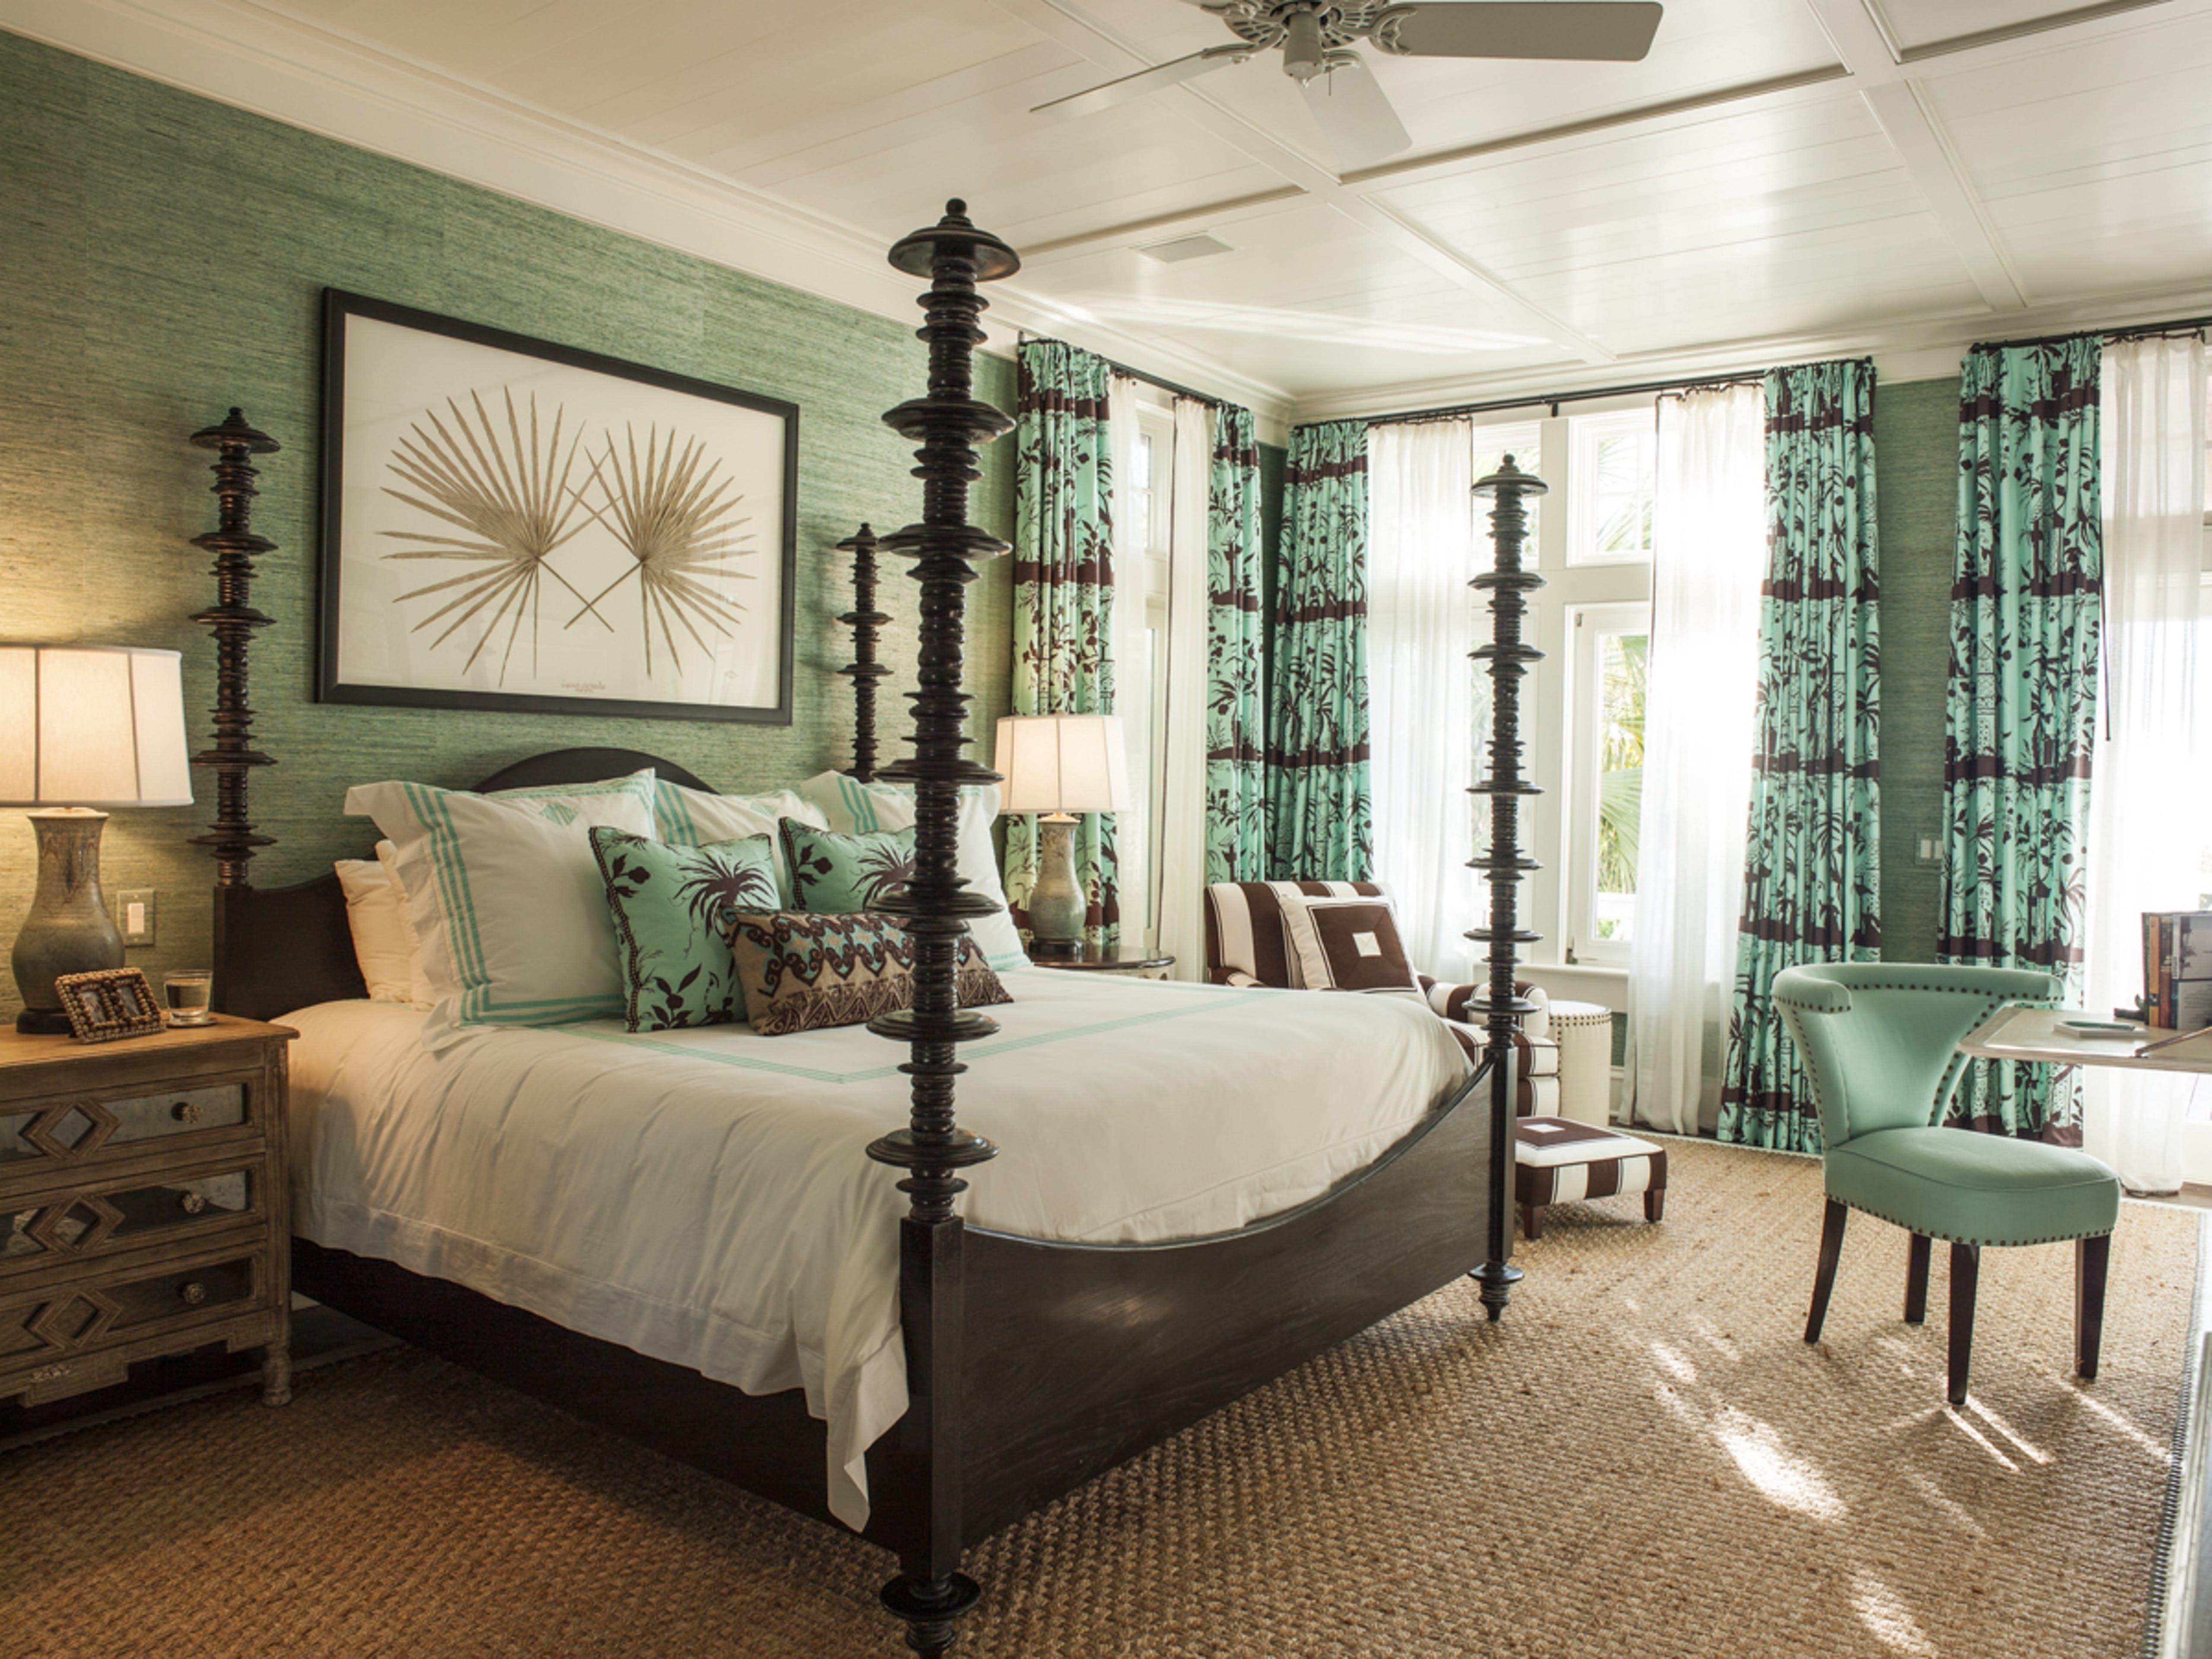 Taylor Taylor Portfolio Interiors Bedroom 1501114874 9341576 Unique Bed Design Coastal Bedrooms Contemporary Bedroom